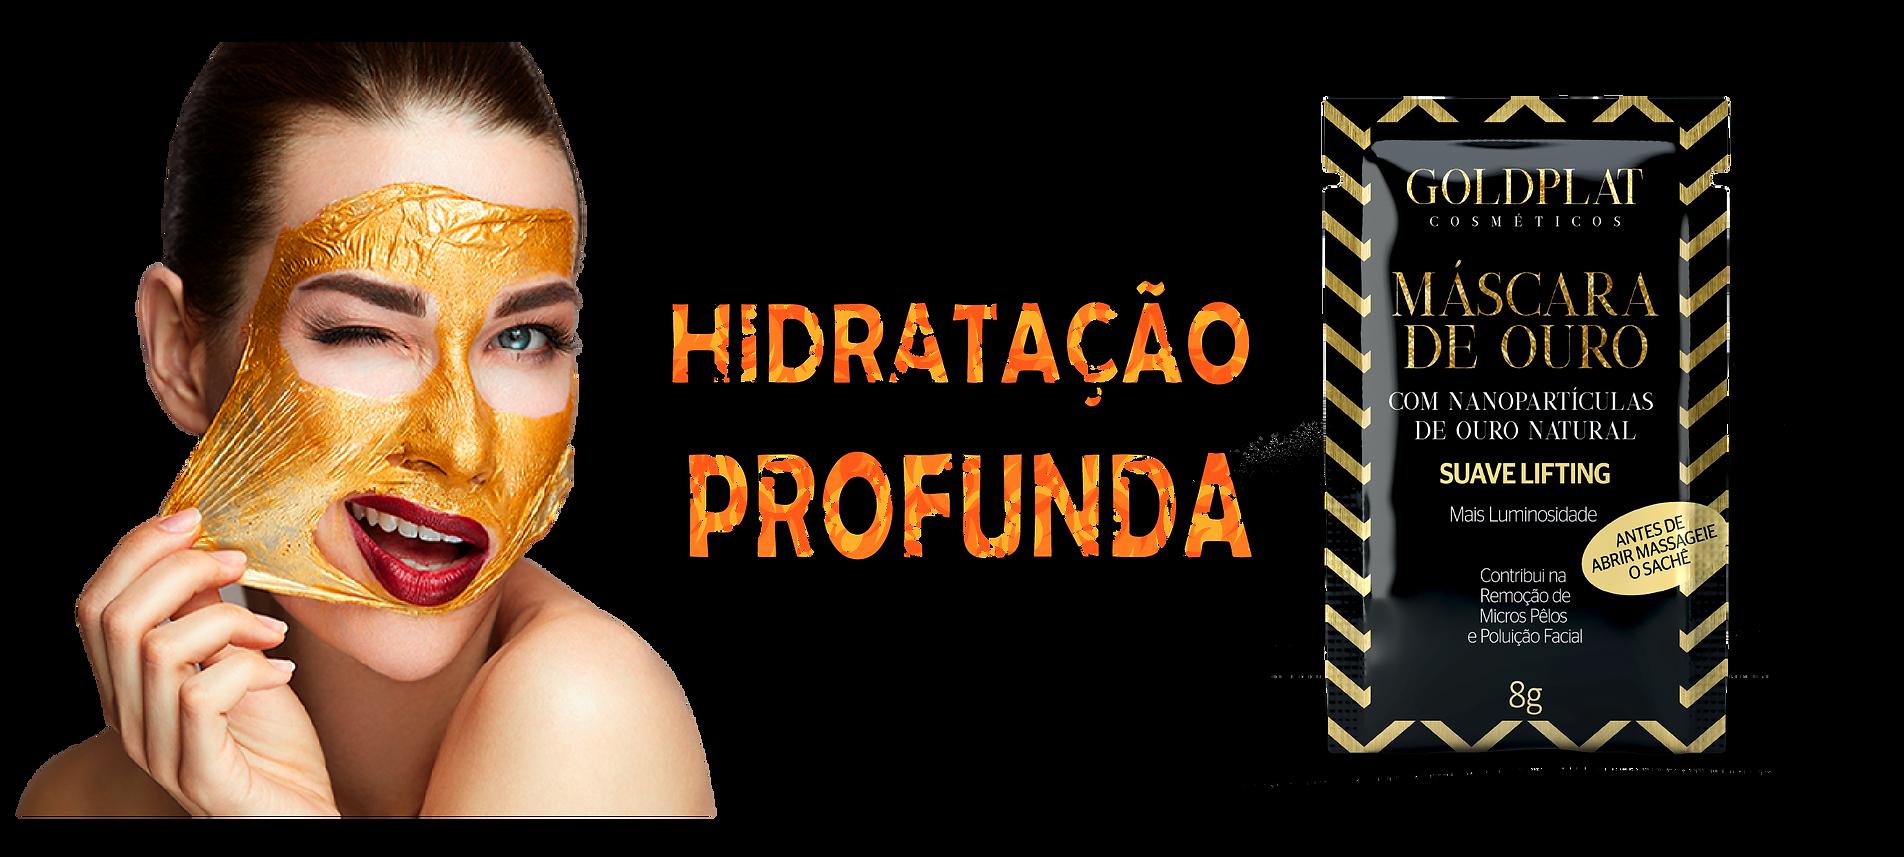 folder mascara.png